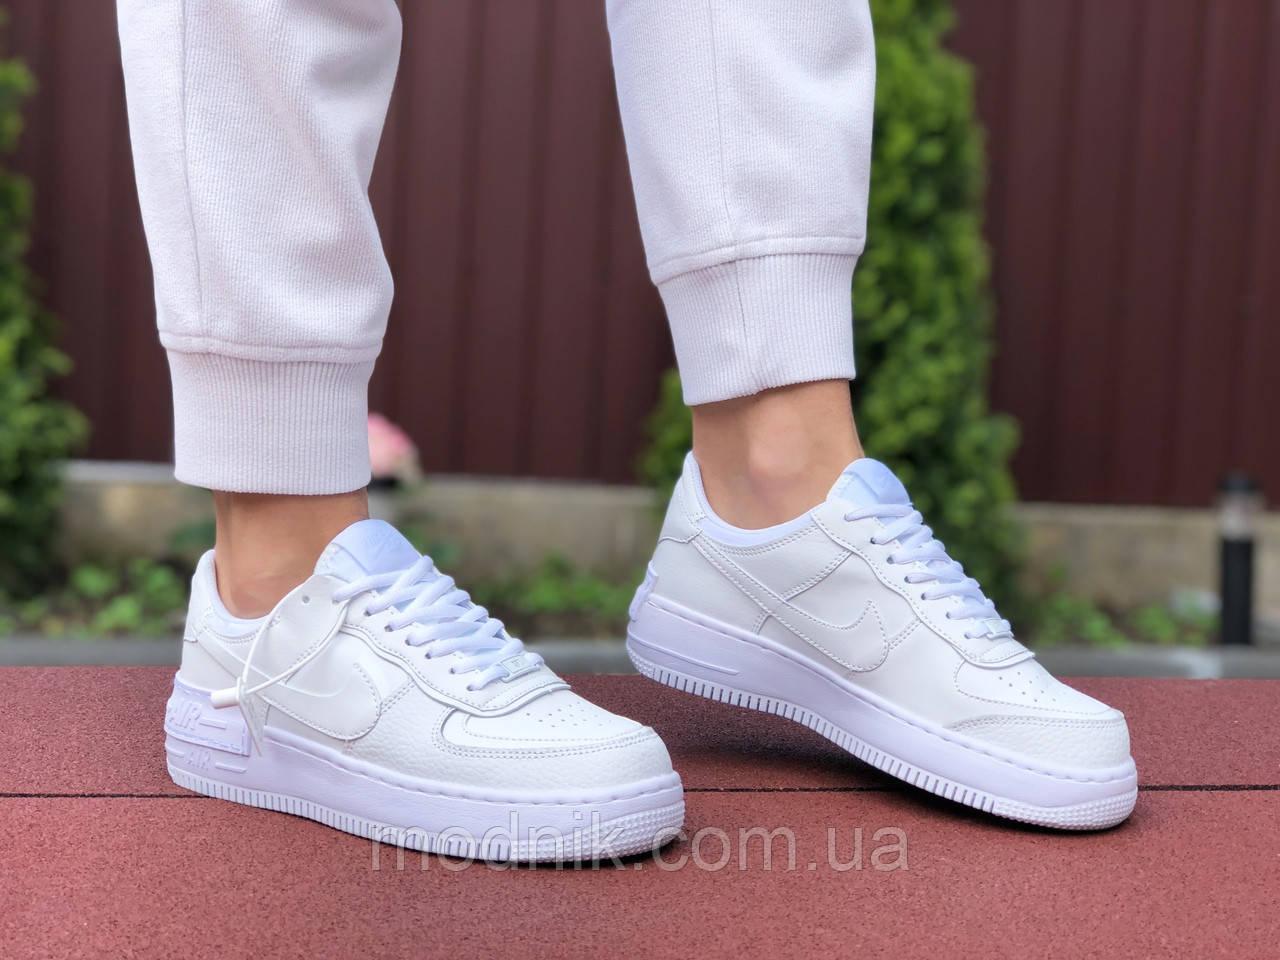 Женские кроссовки Nike Air Force 1 Shadow (белые) 9475